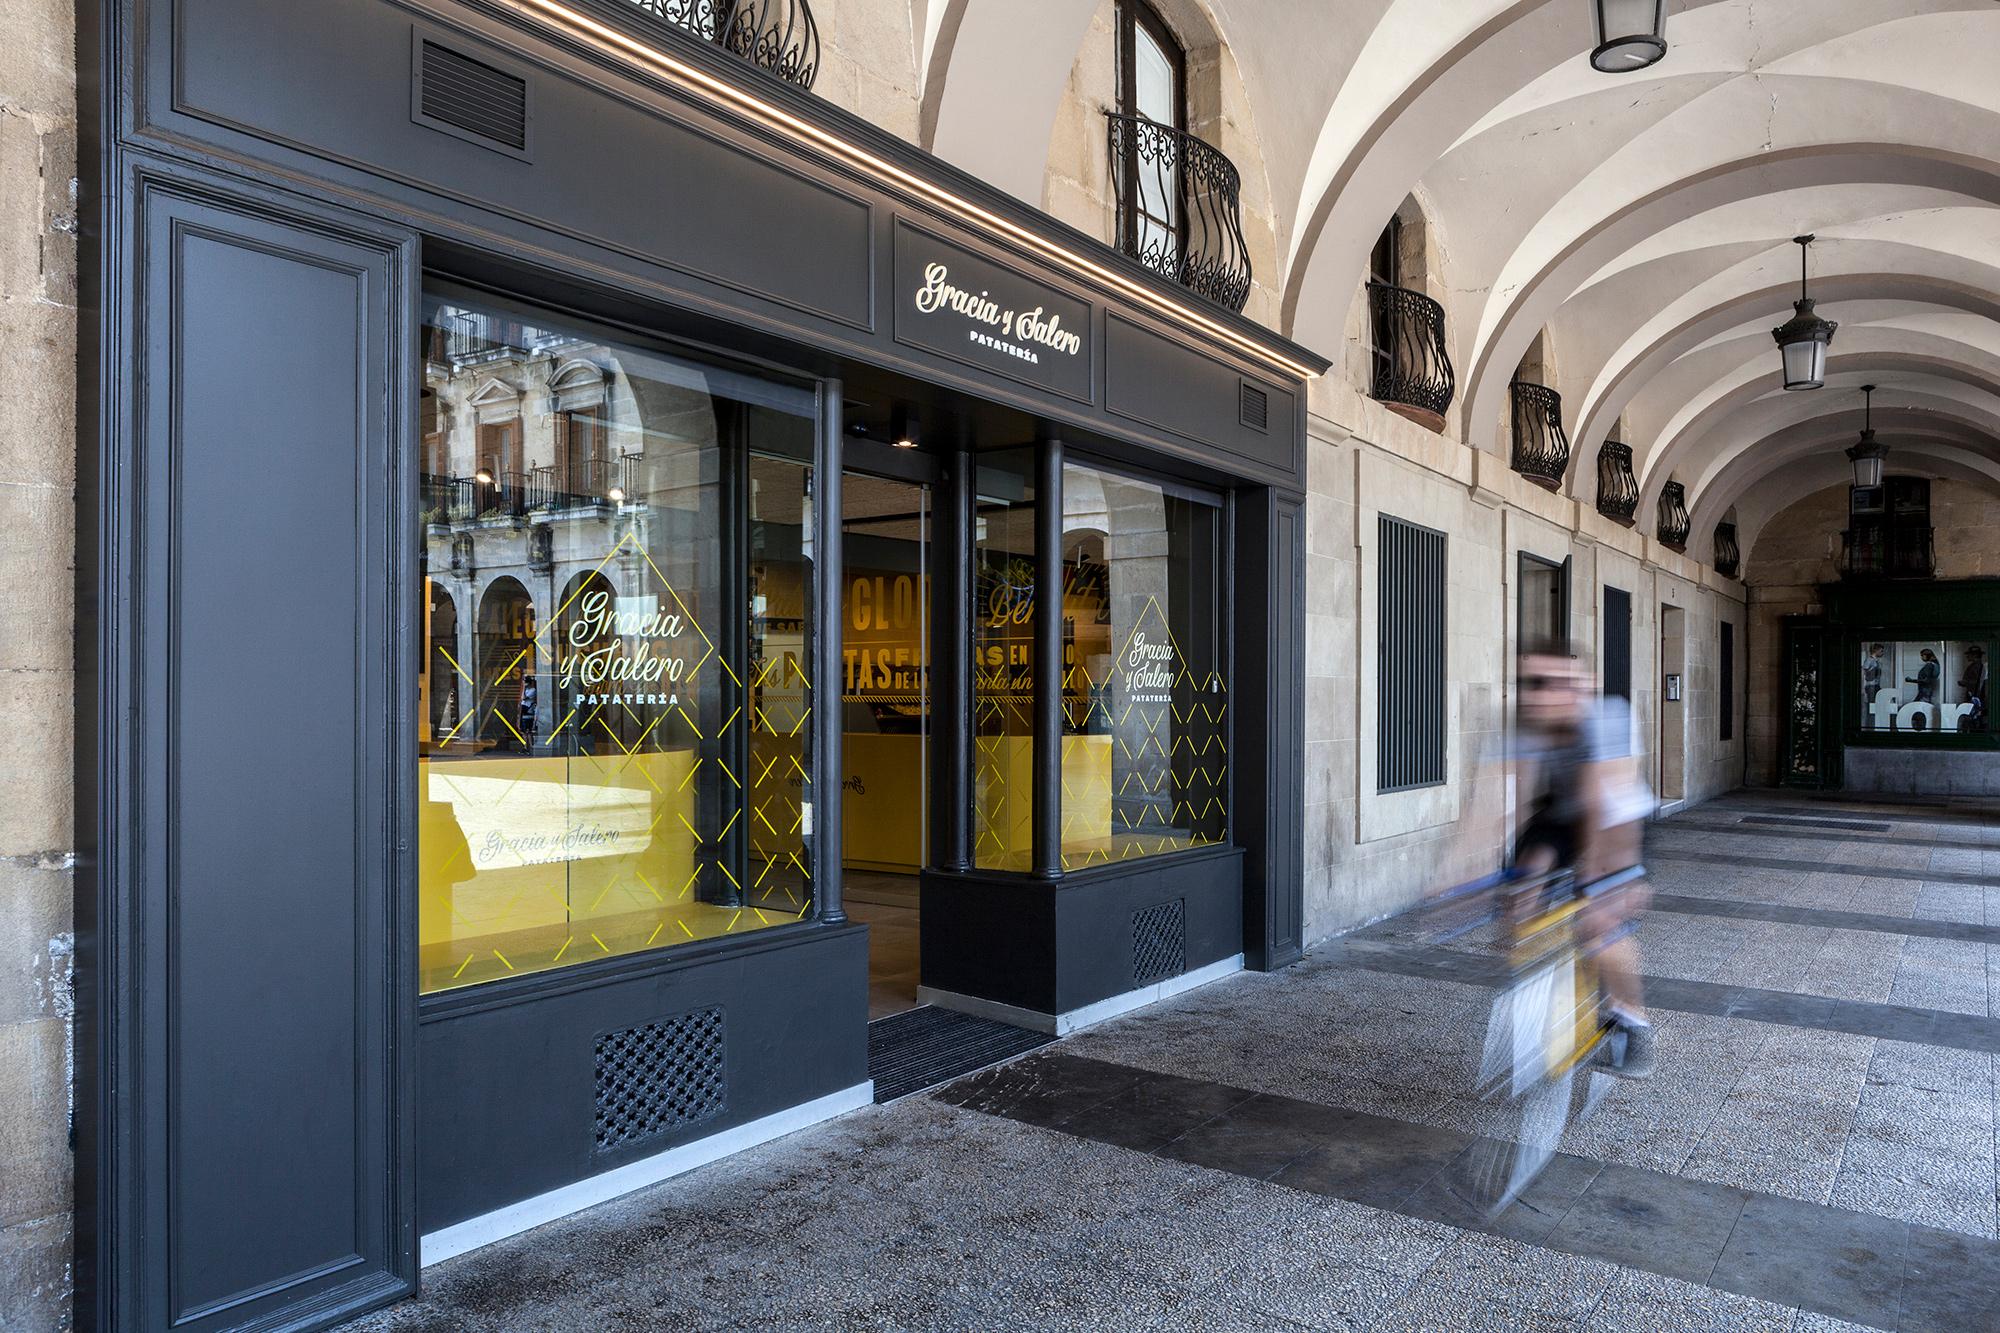 Rotulación en vinilo para comercio en Vitoria-Gasteiz